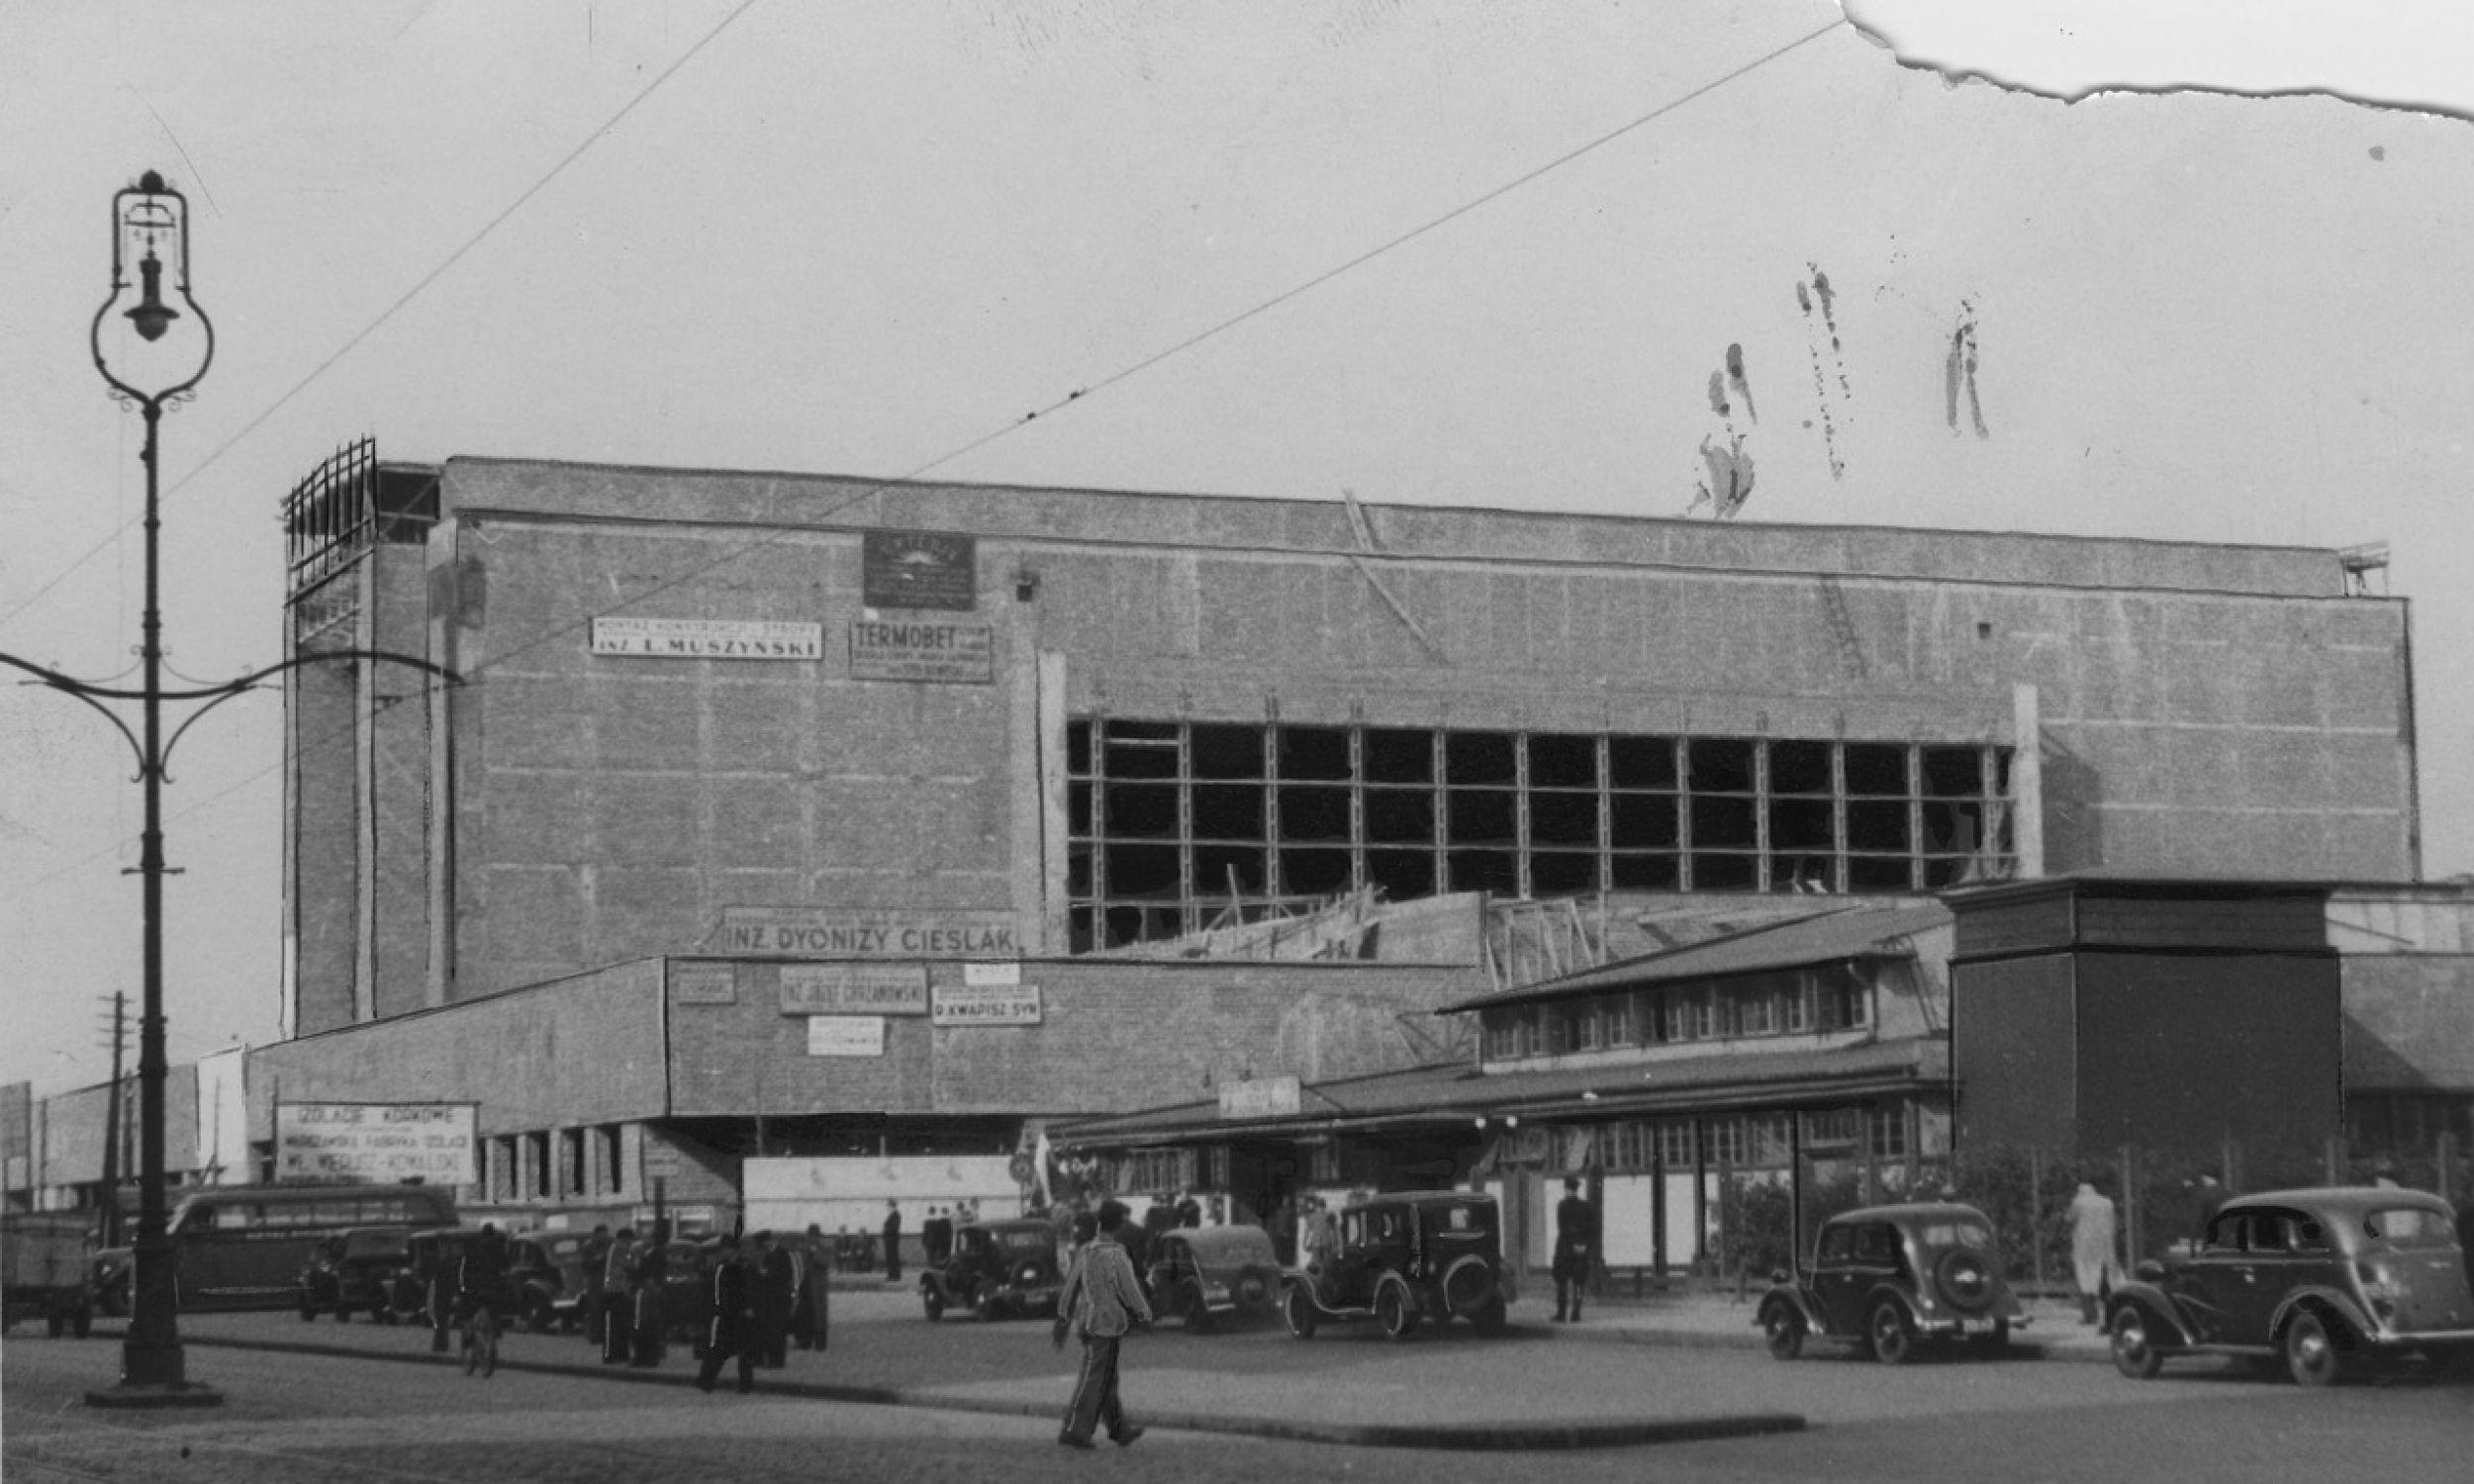 Budowa Dworca Głównego w WarszawieWygląd zewnętrzny budynku dworca od strony ulicy. 1938 rok. Fot. NAC/IKC, Józef Fischer, sygn. 1-G-3752-3